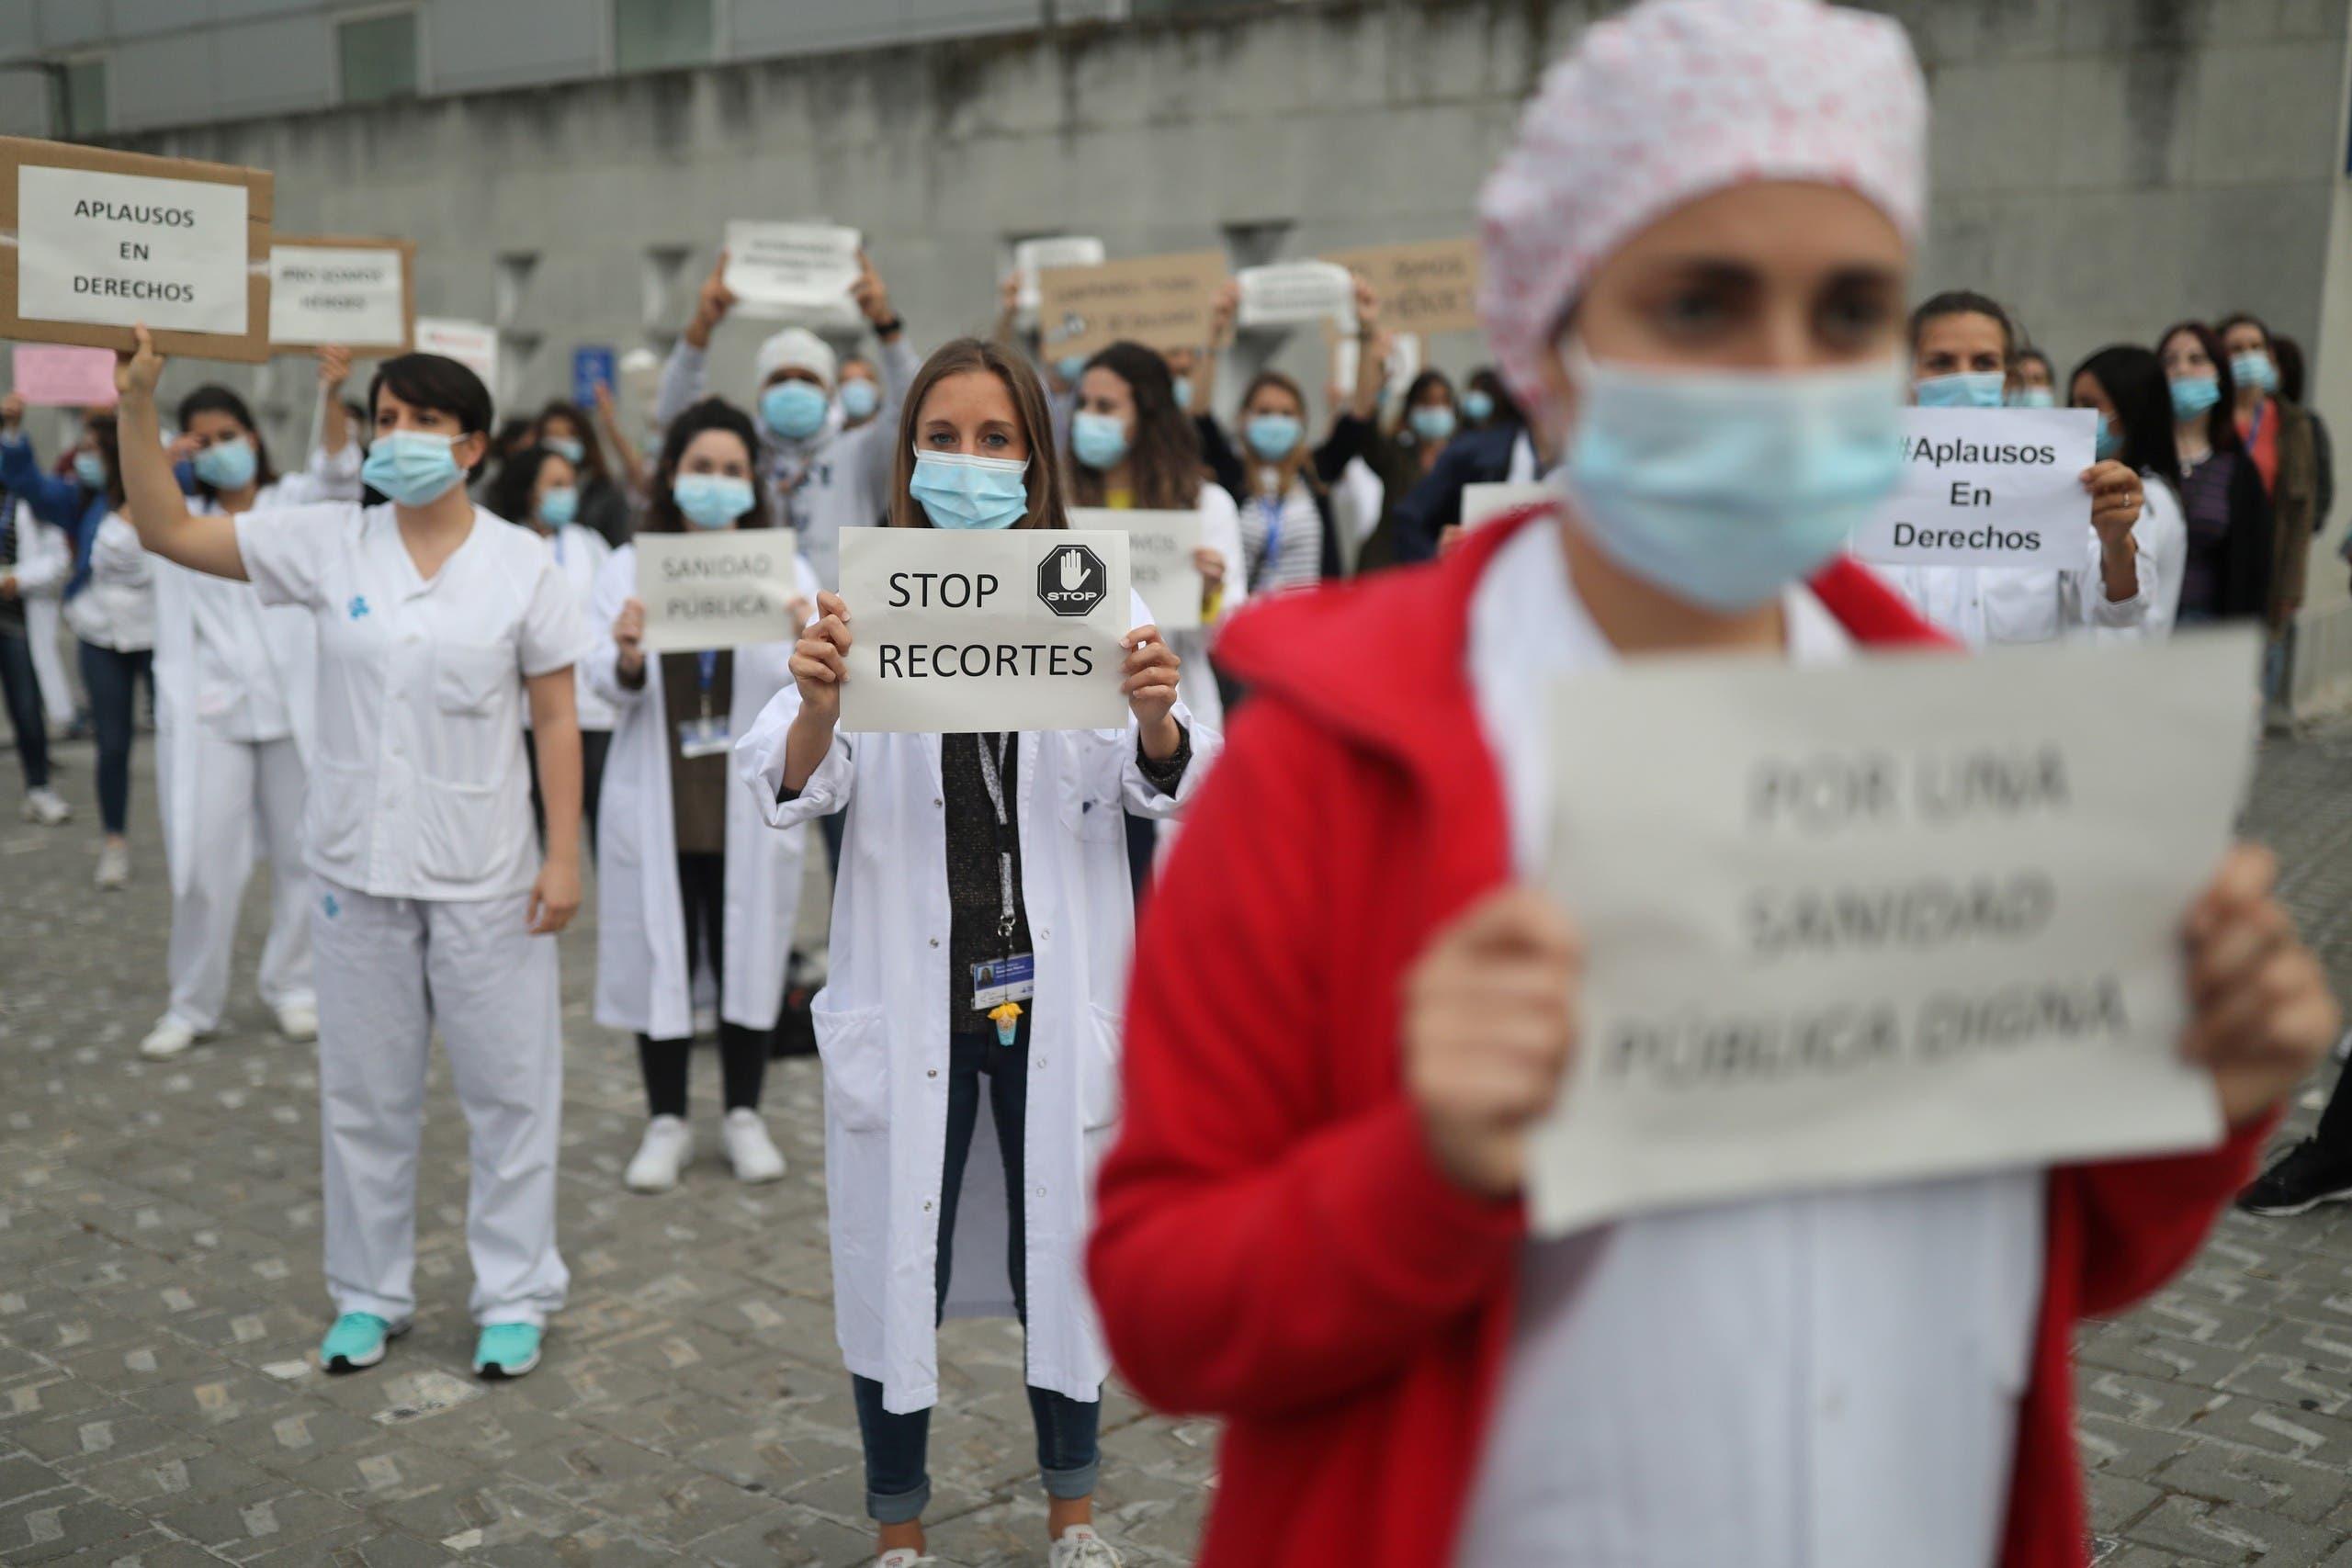 احتجاج لممضرات في برشلونة على خفض النفقات في المجال الصحي